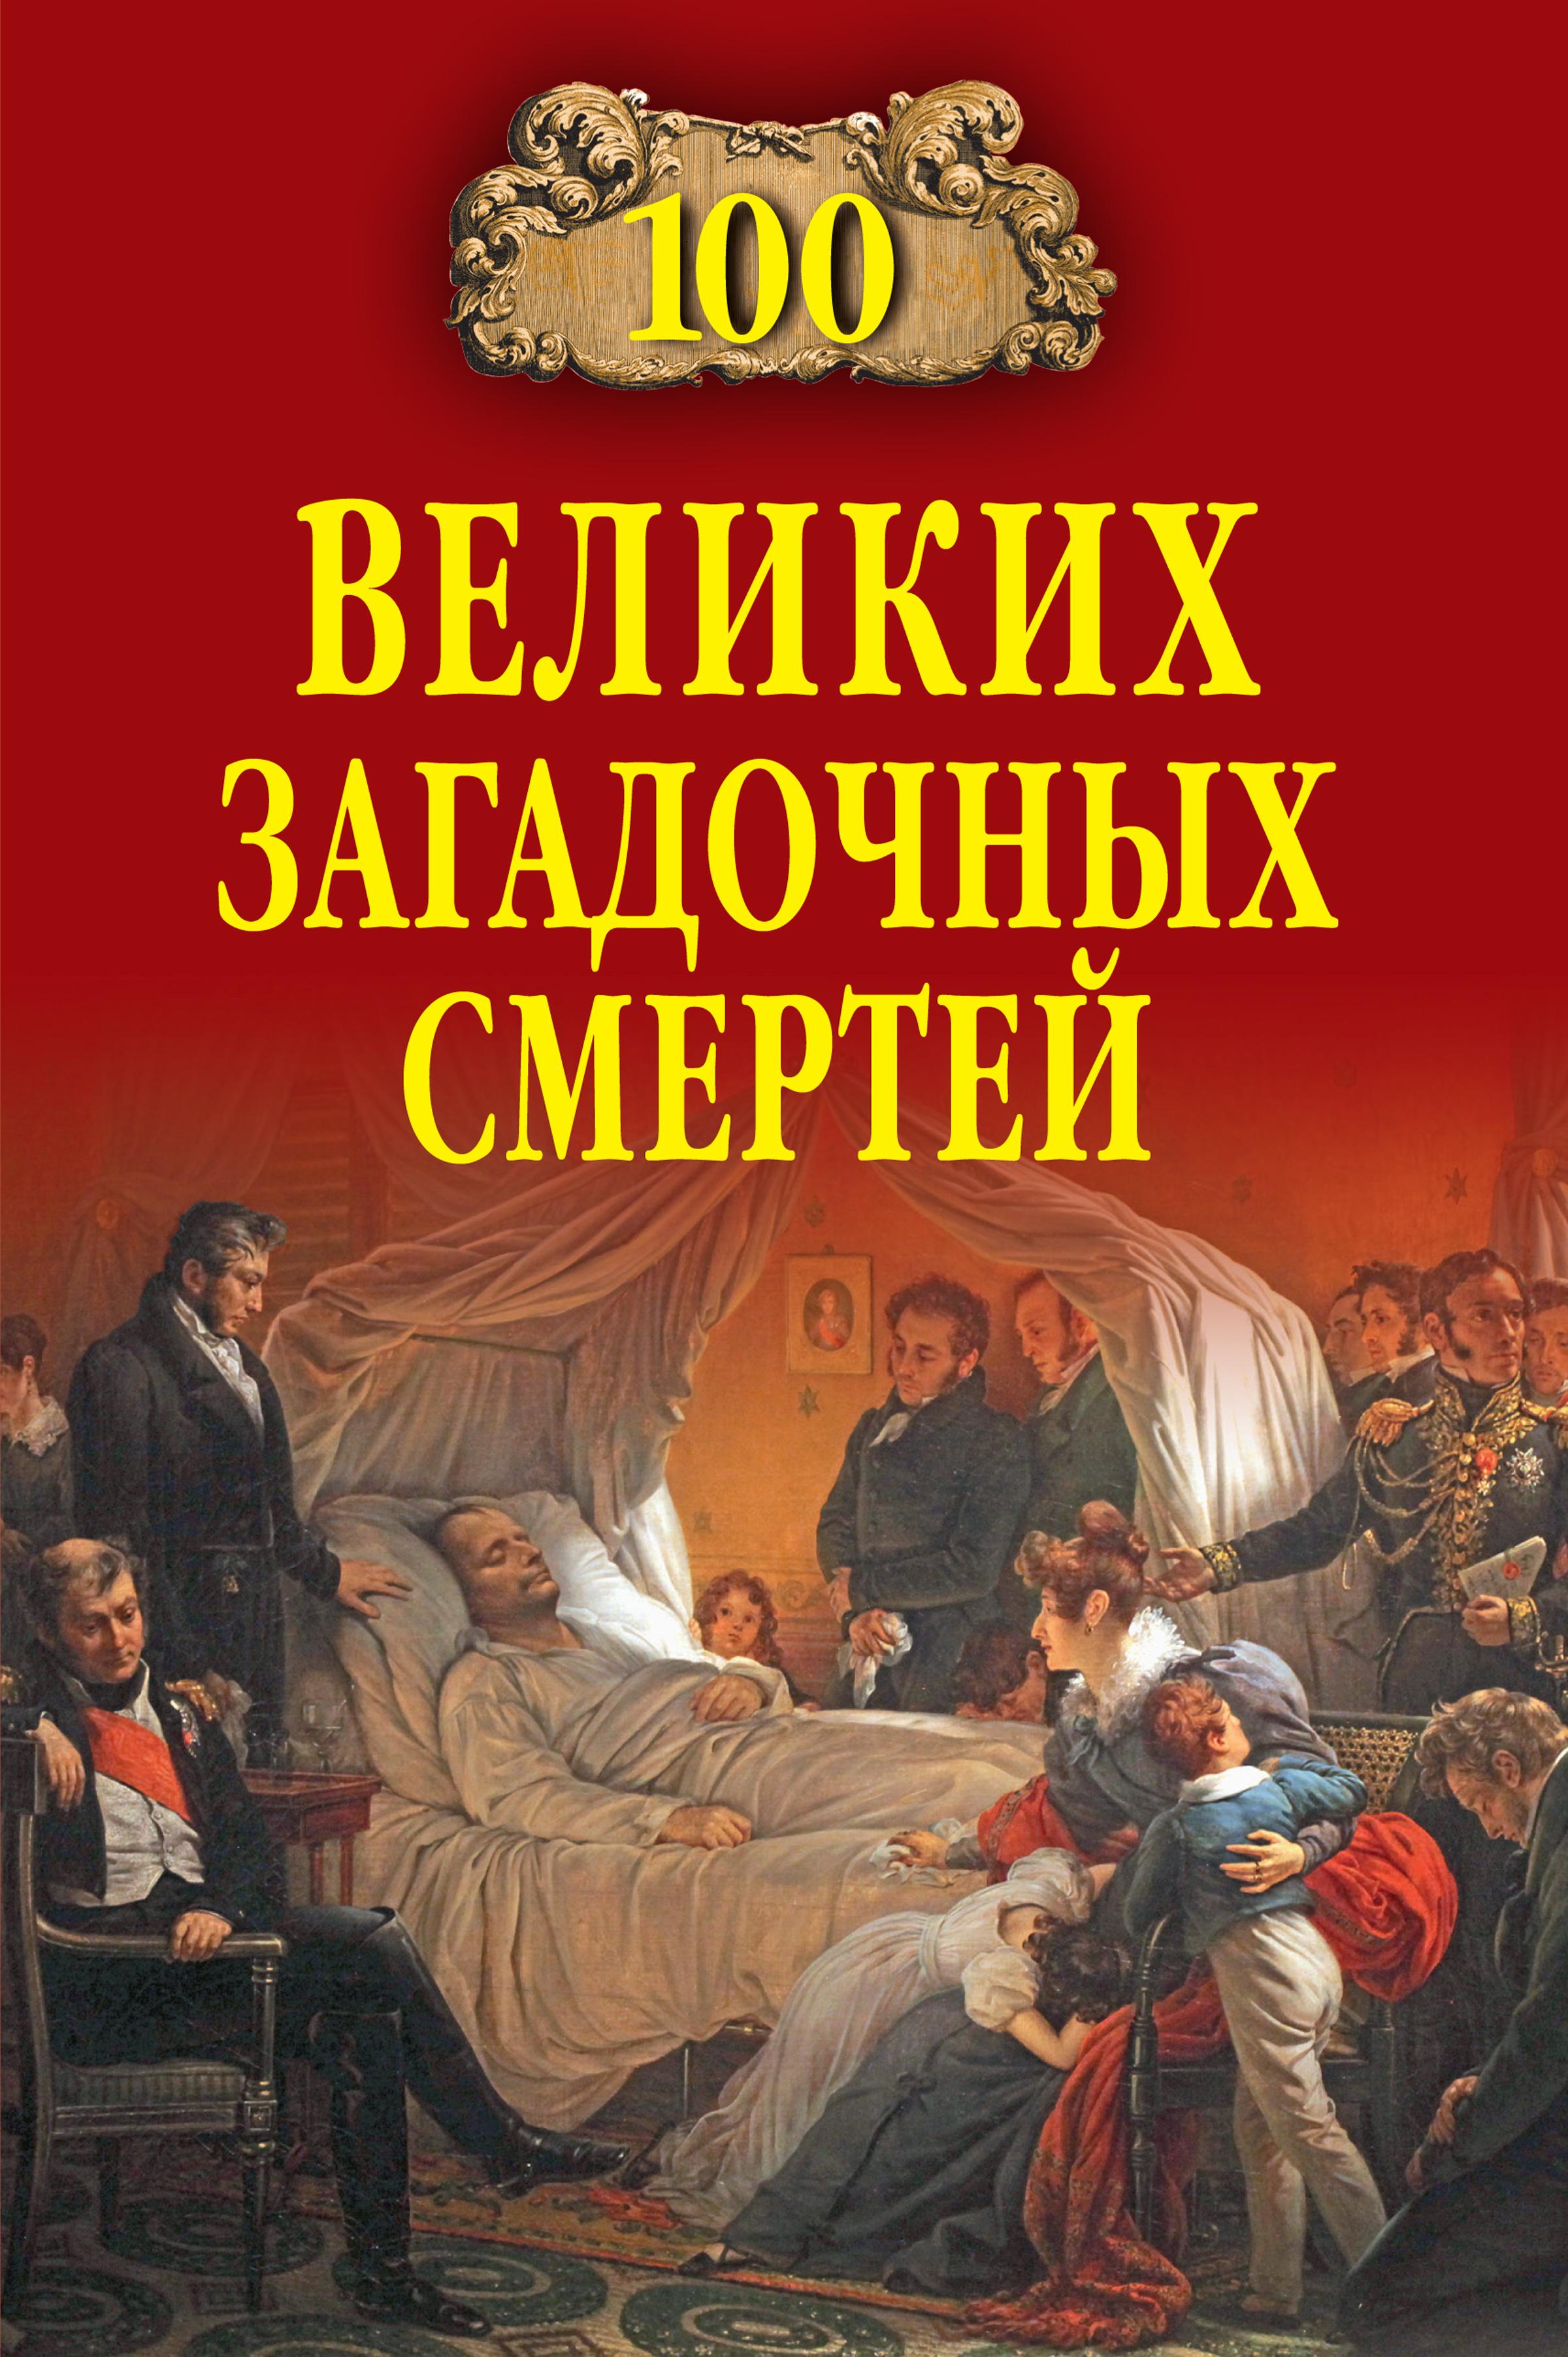 Борис Соколов 100 великих загадочных смертей соколов б 100 великих загадочных смертей